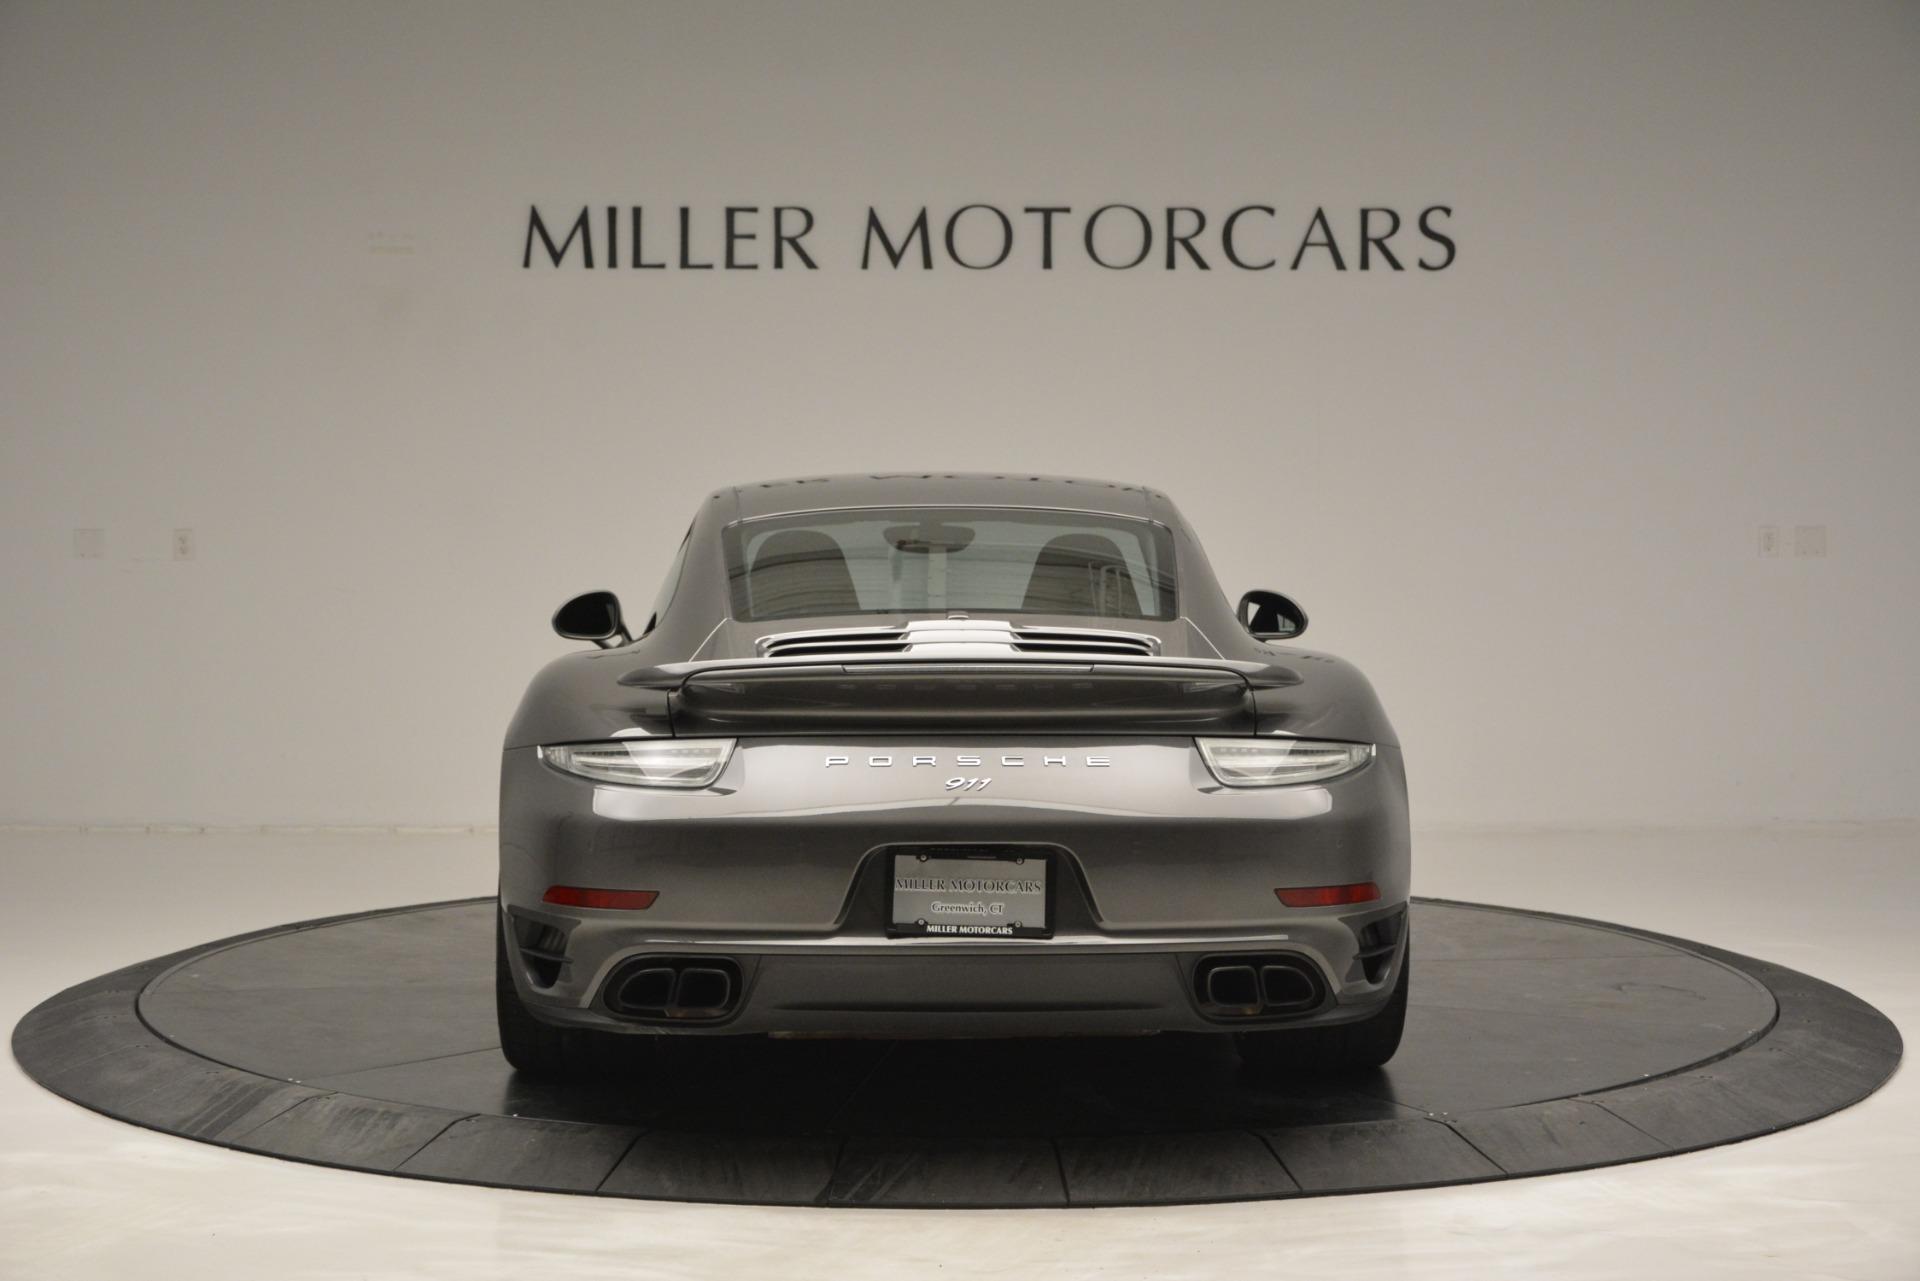 Used 2015 Porsche 911 Turbo S For Sale In Westport, CT 2923_p6